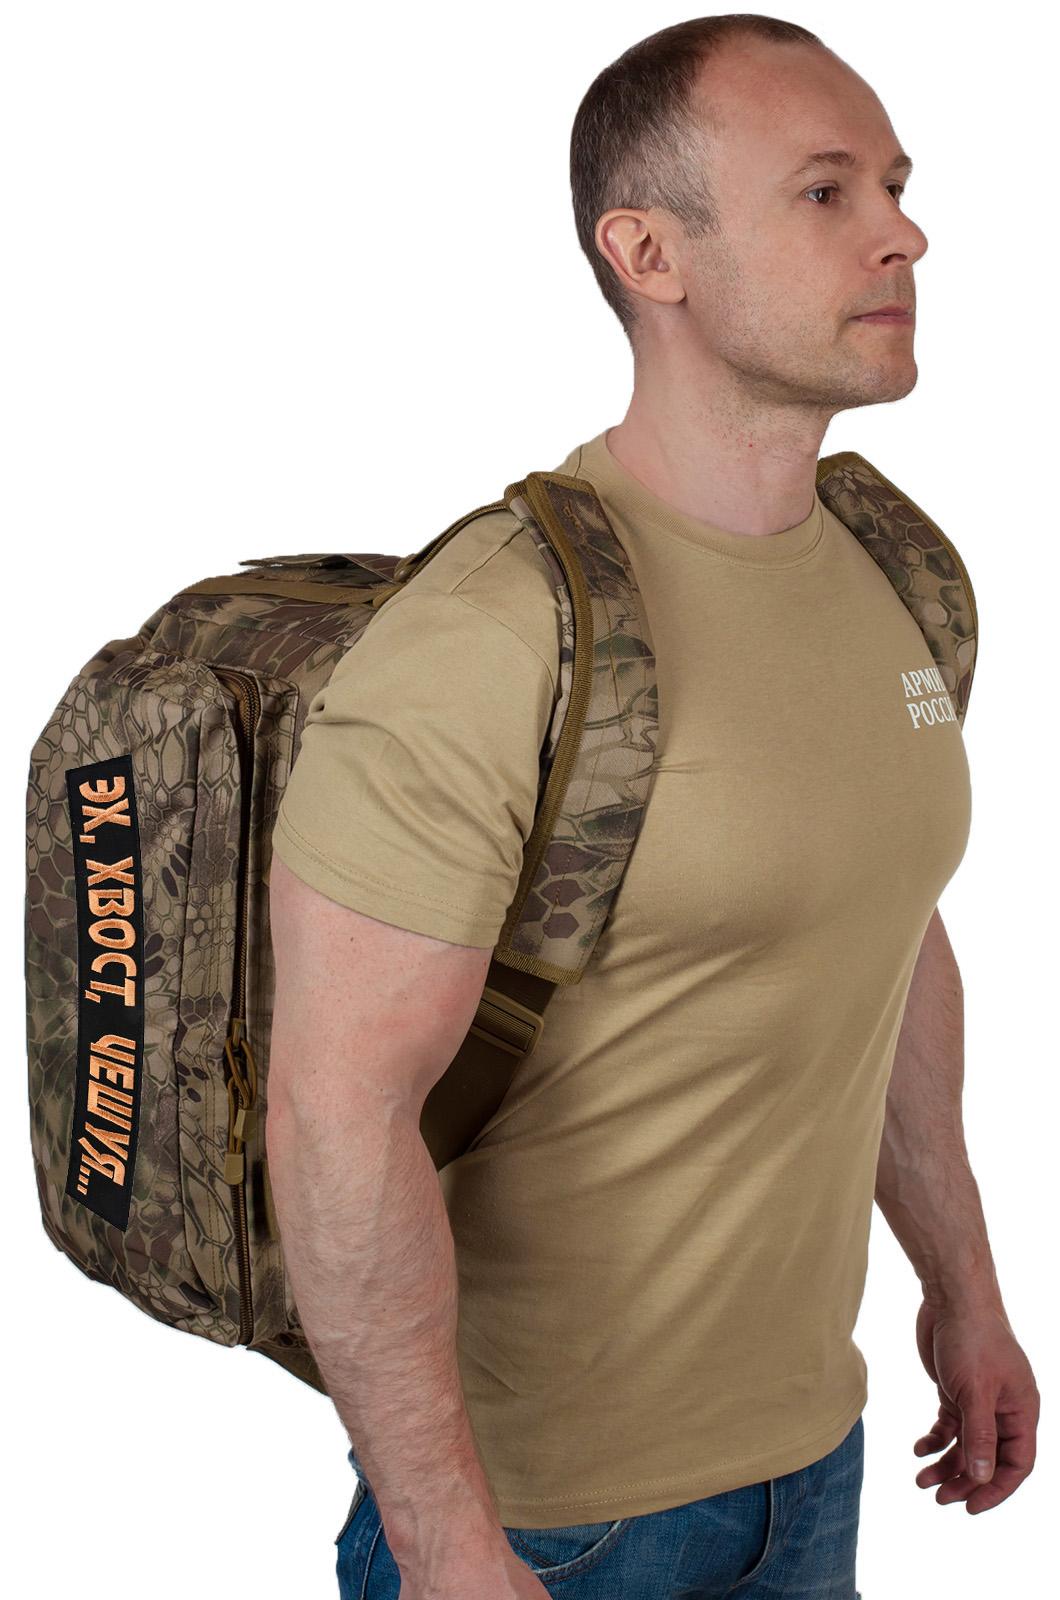 Заплечная тактическая сумка Эх, Хвост, Чешуя - купить с доставкой